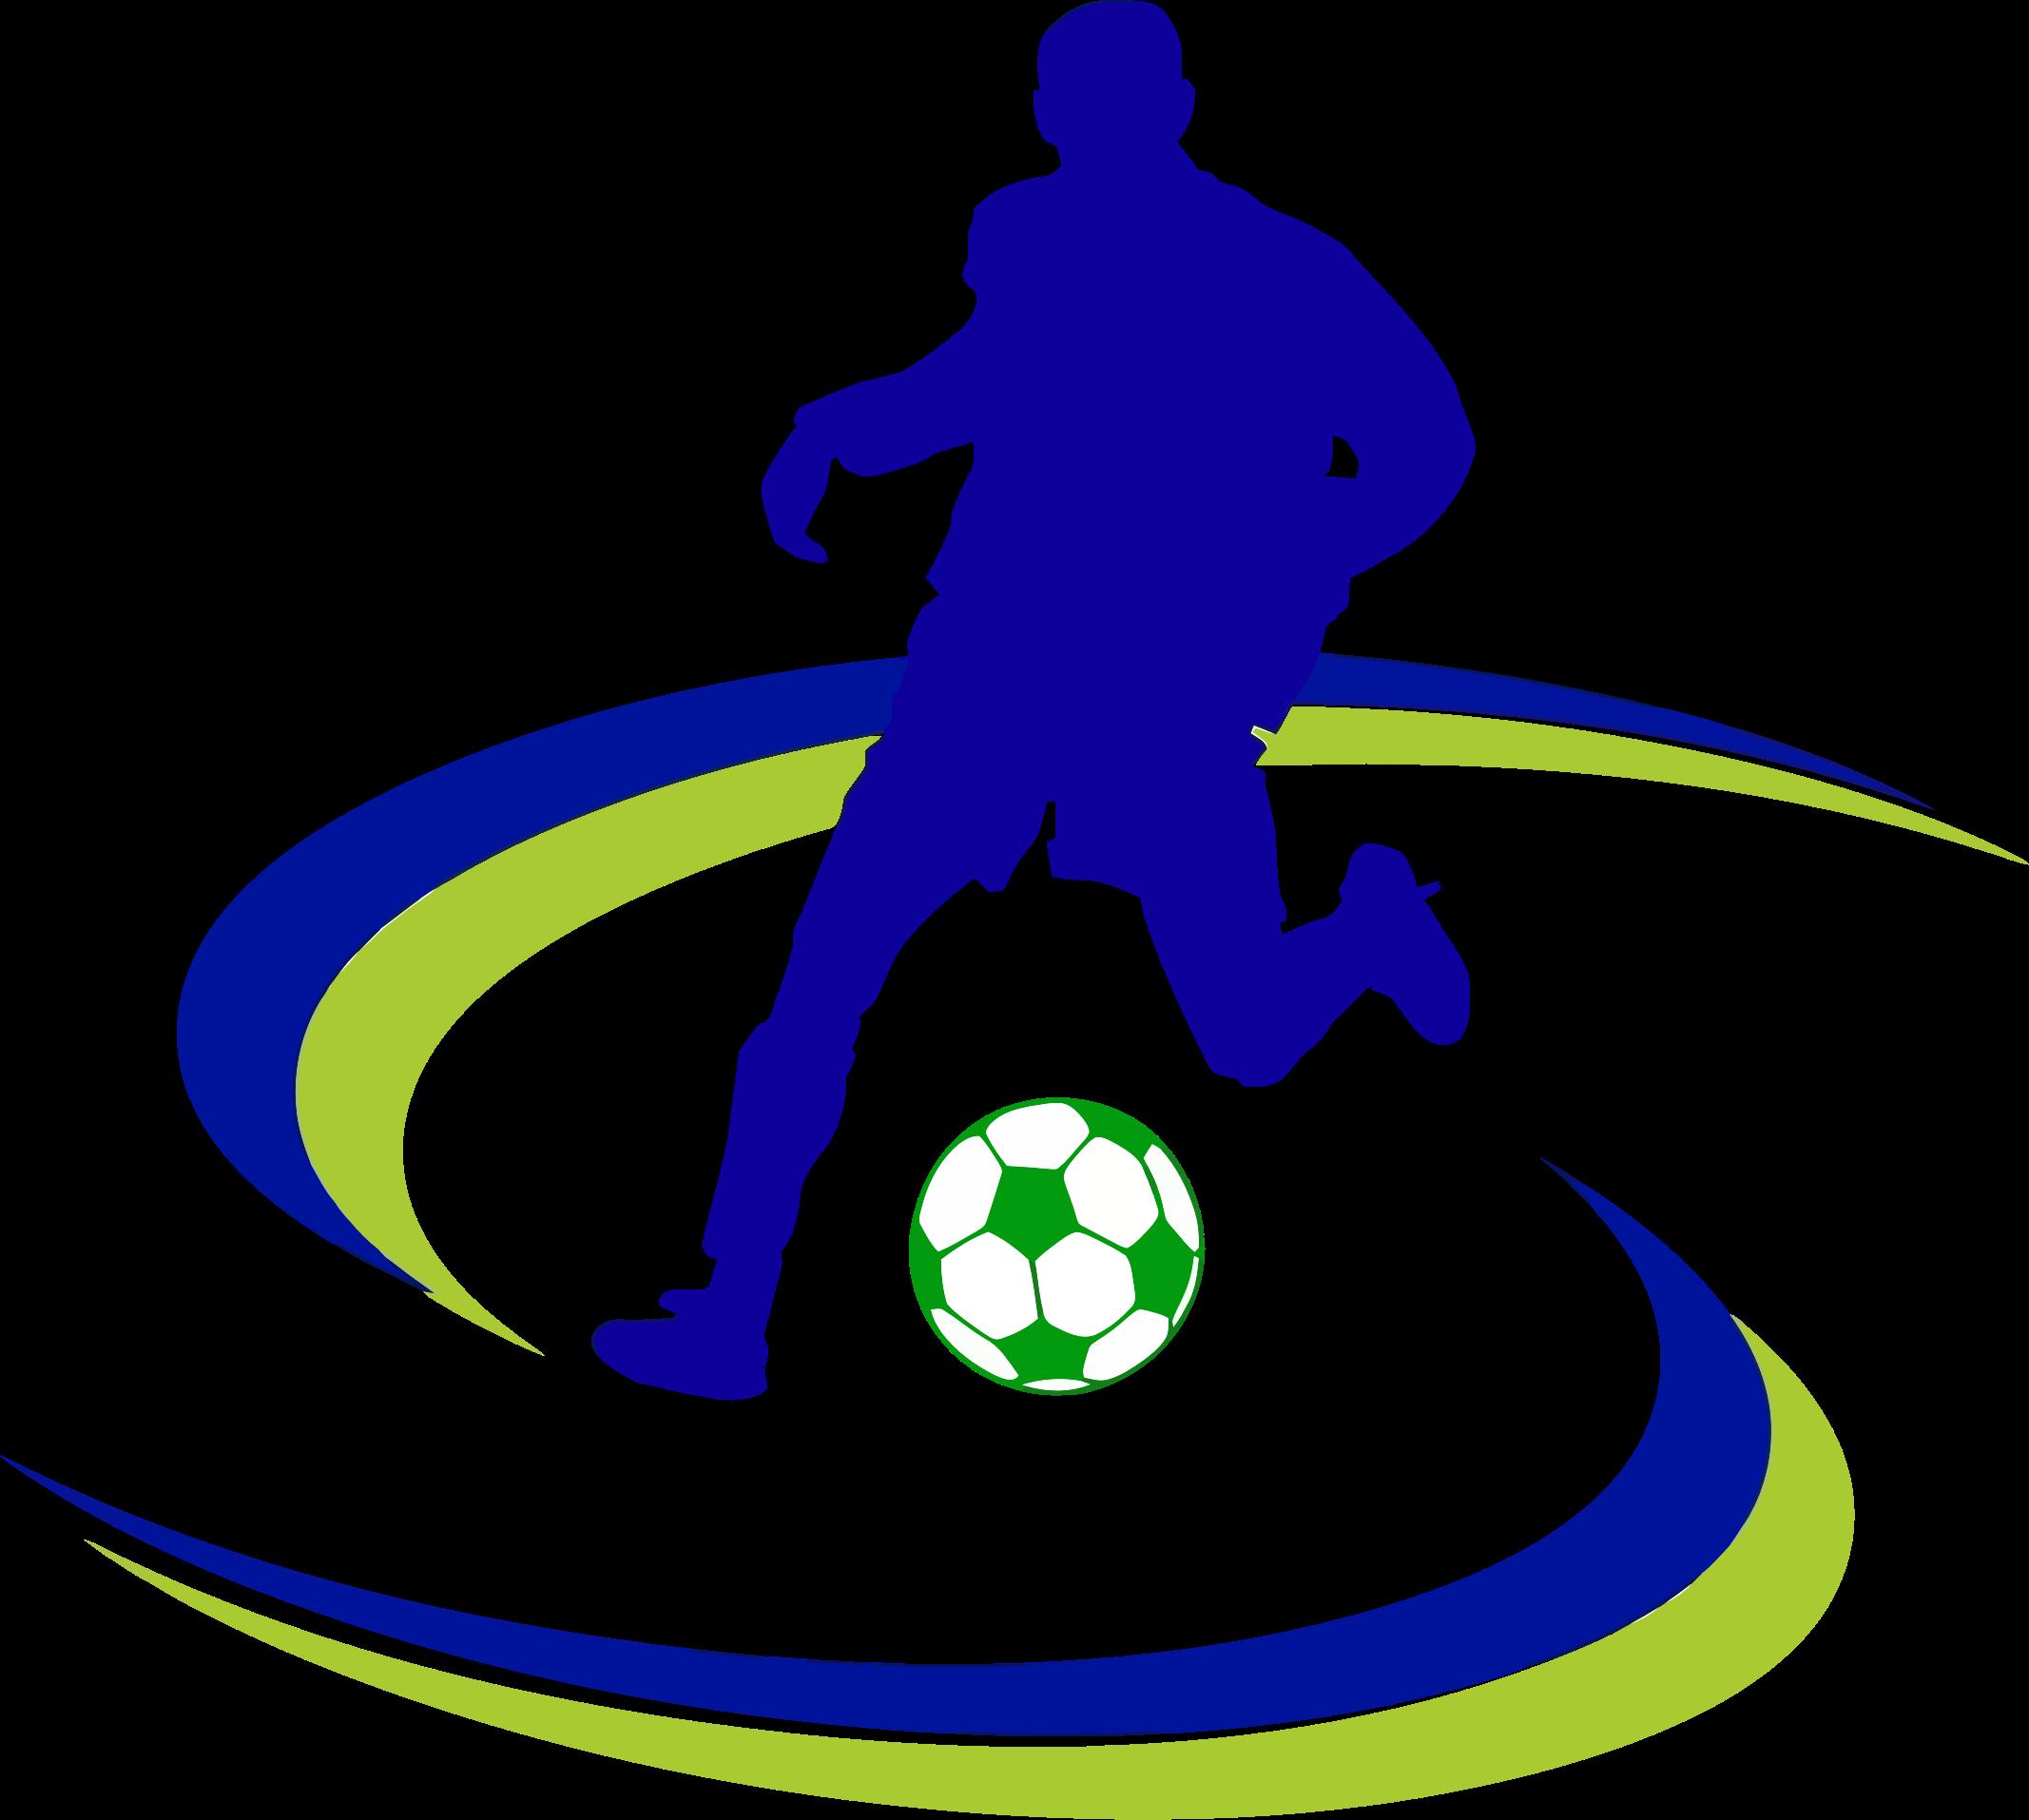 clipart soccer logo